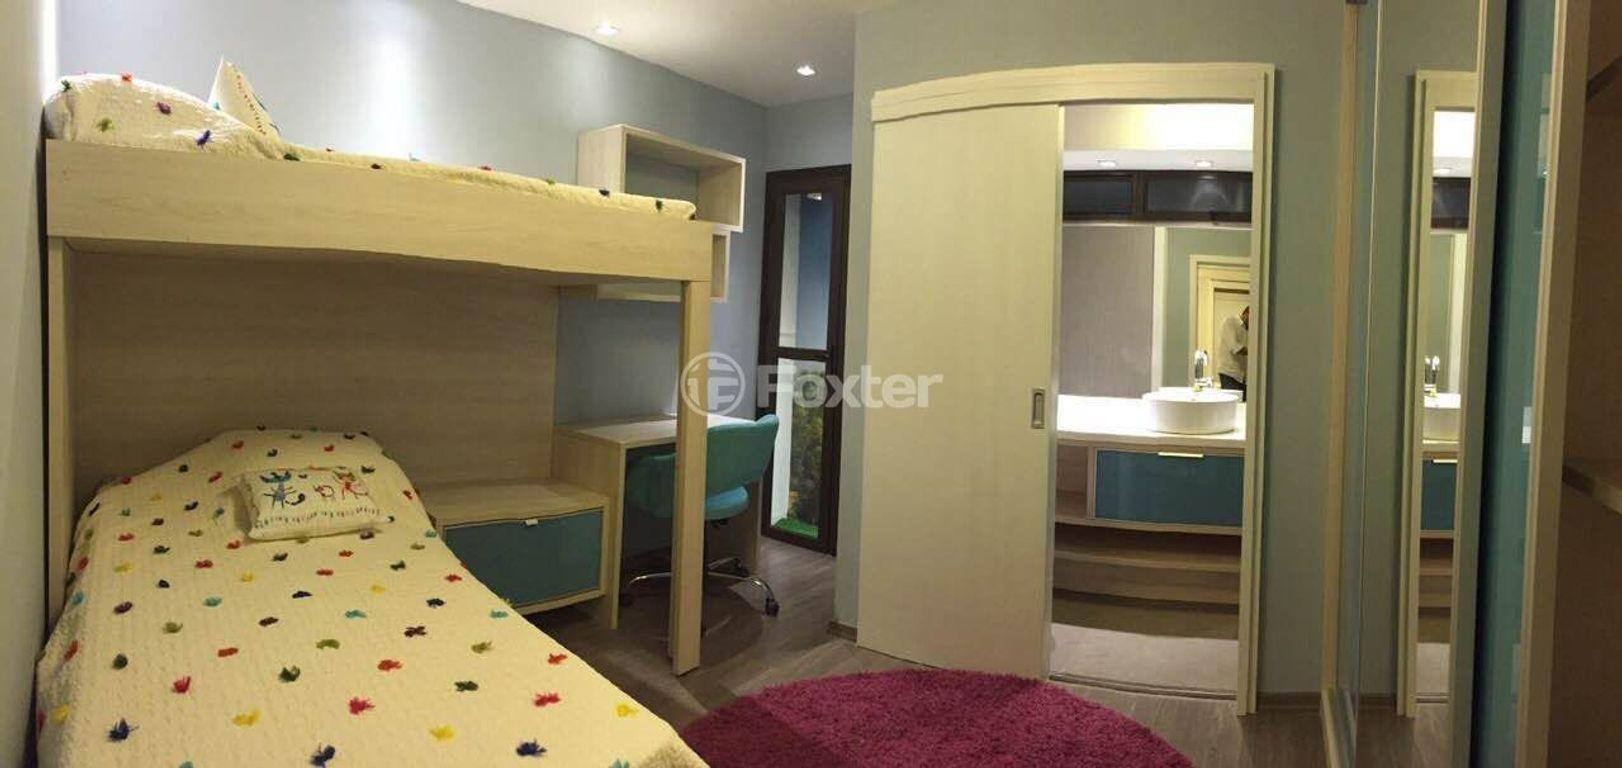 Casa 3 Dorm, Cristal, Porto Alegre (123594) - Foto 14